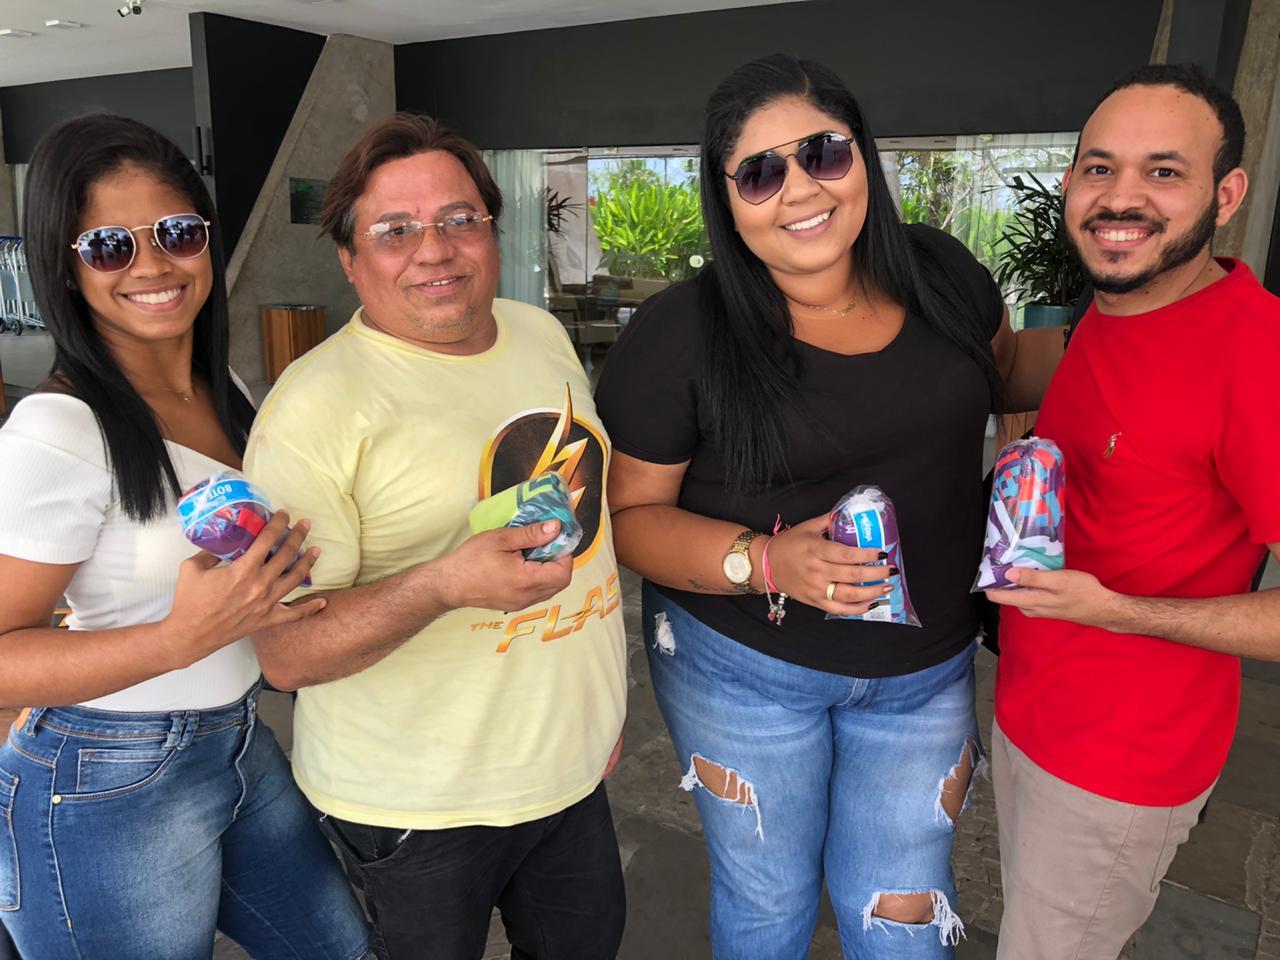 Paula Nascimento, Evaldo Alexandre, Carla Emília e Lucas Silva foram buscar o passaporte para a folia. Crédito: Lucrécio Arrais.